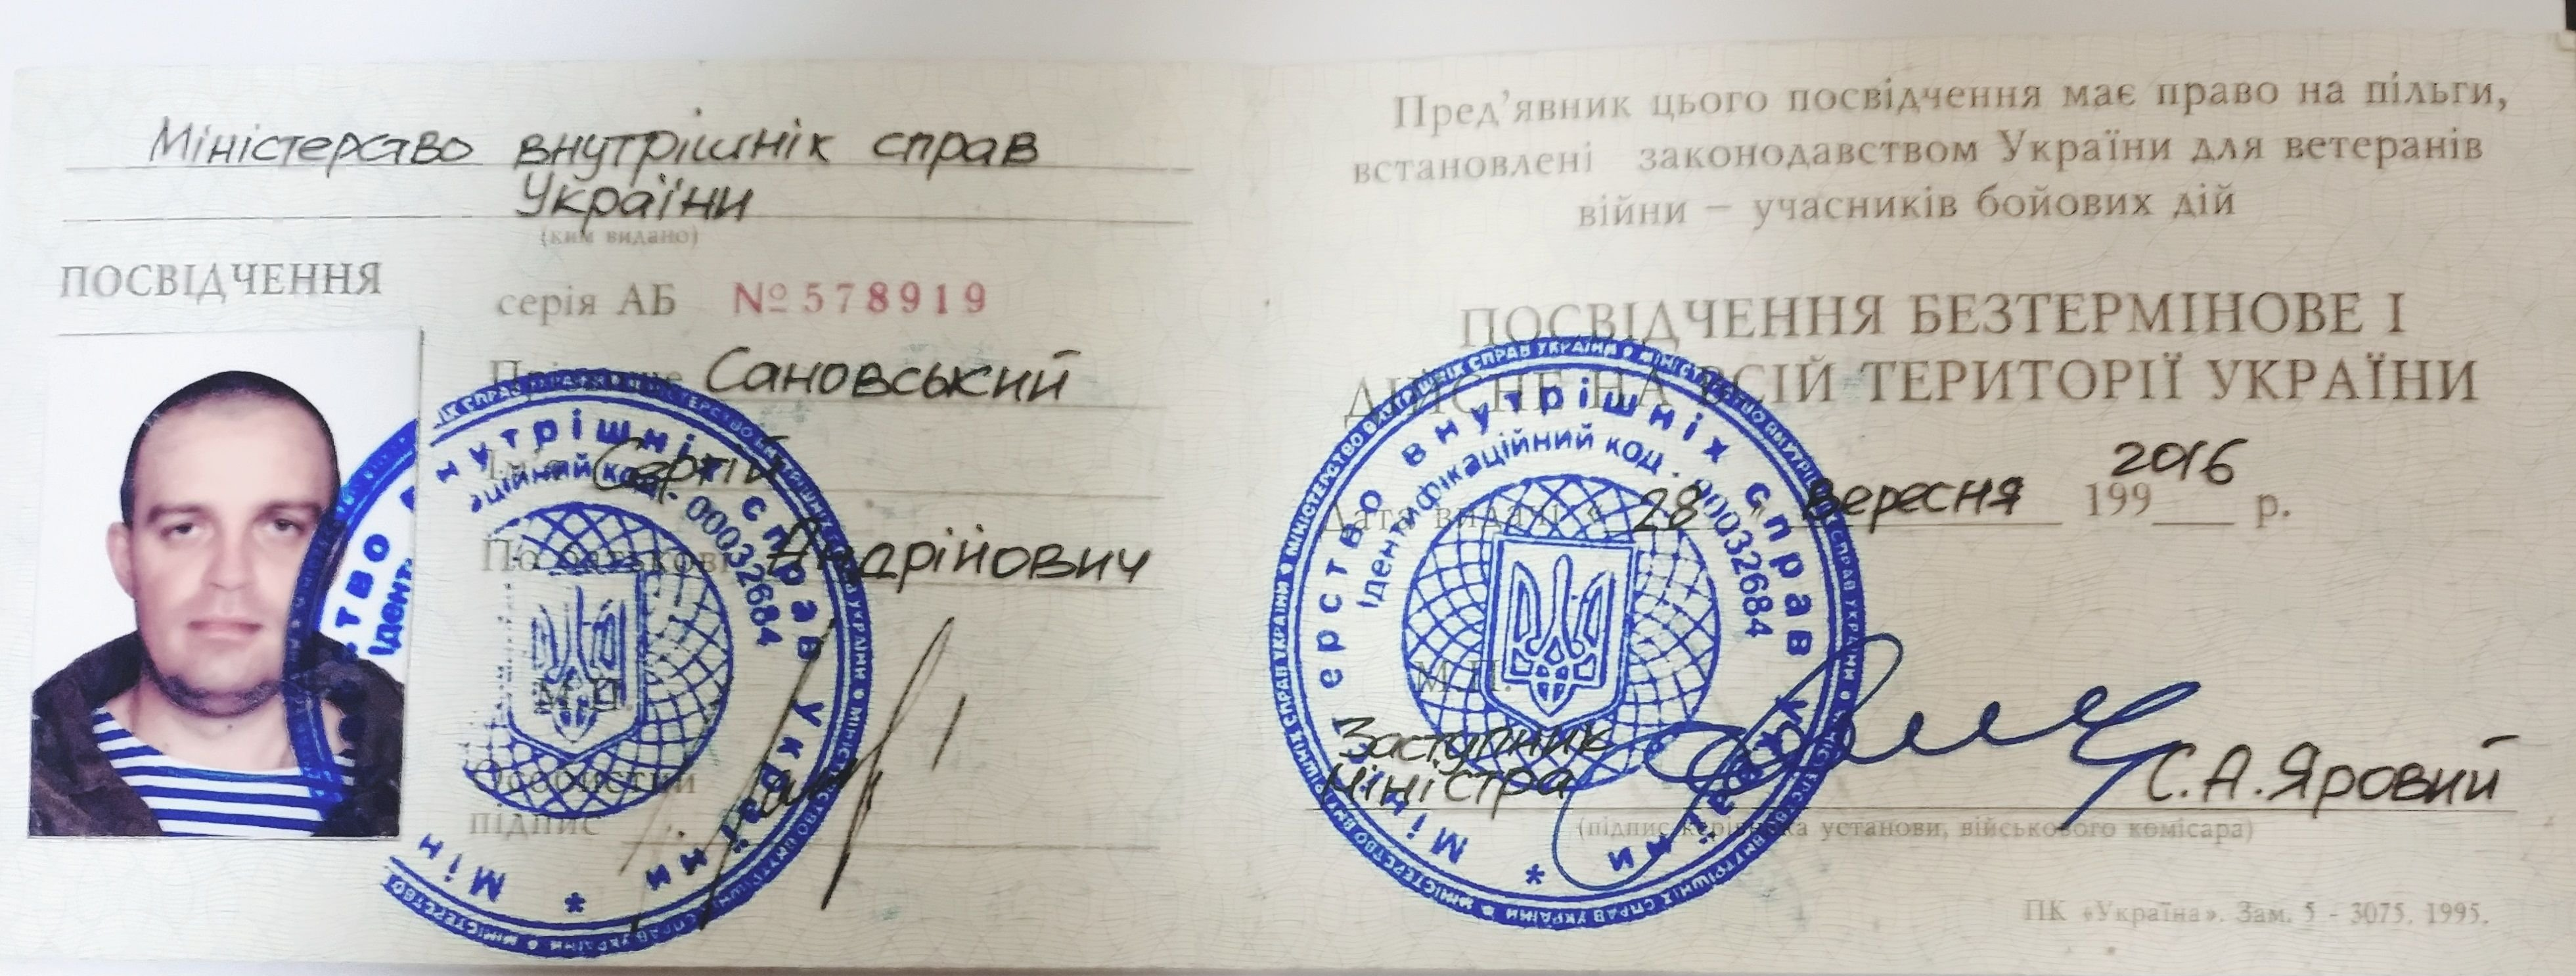 Il certificato di Sergey Sanovsky che attesta la sua partecipazione all'operazione militare ATO